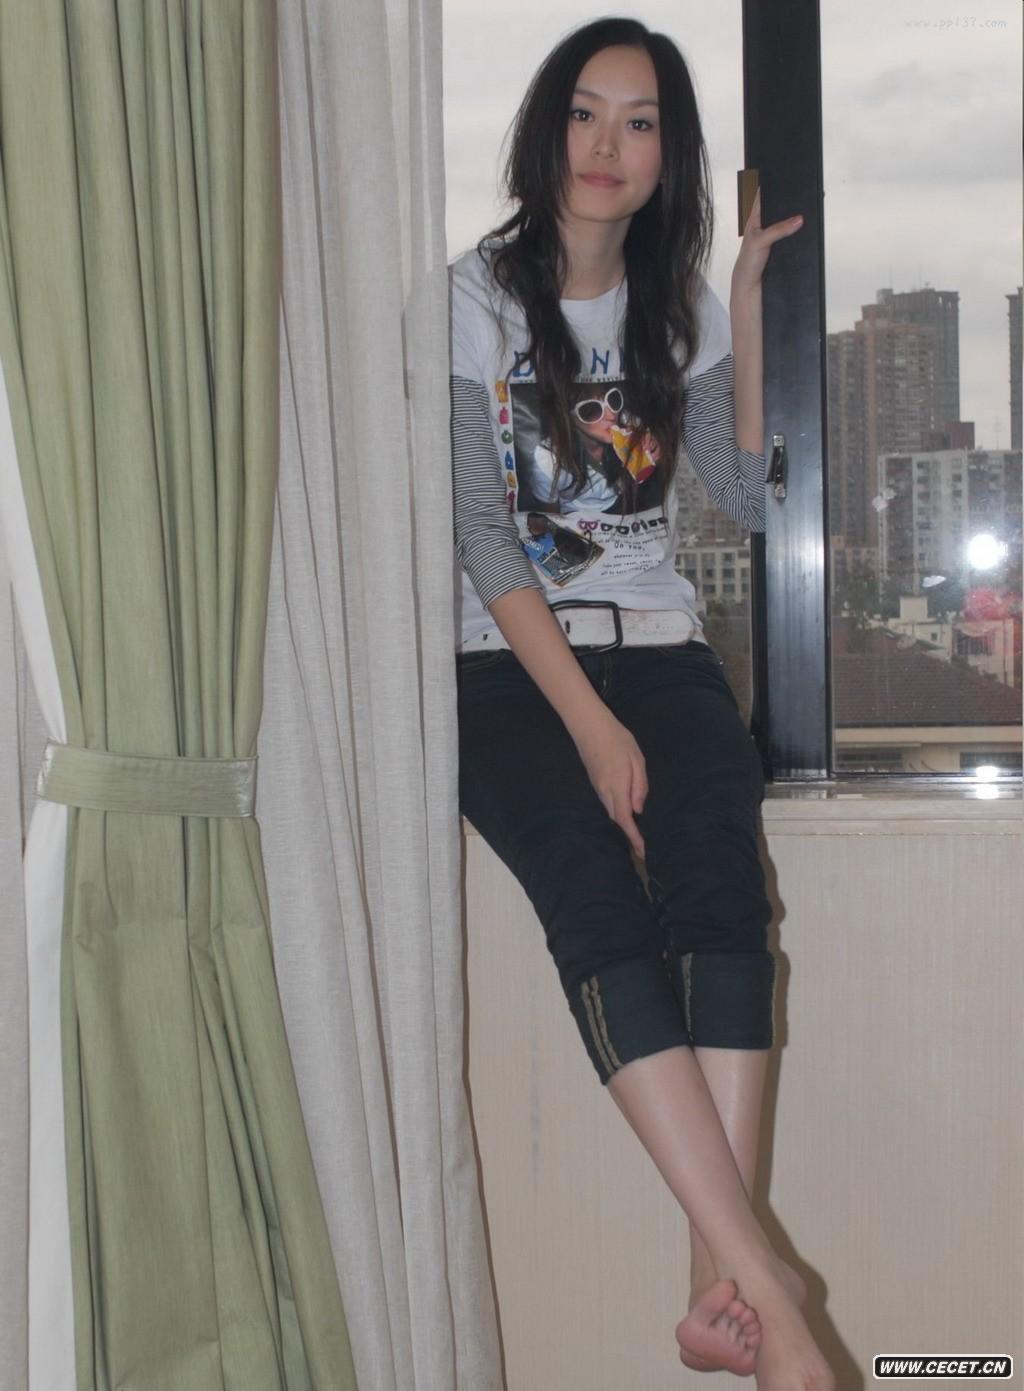 紧身牛仔短裤_密云的女网友自拍 - 中国娱乐资讯网CECET.CN